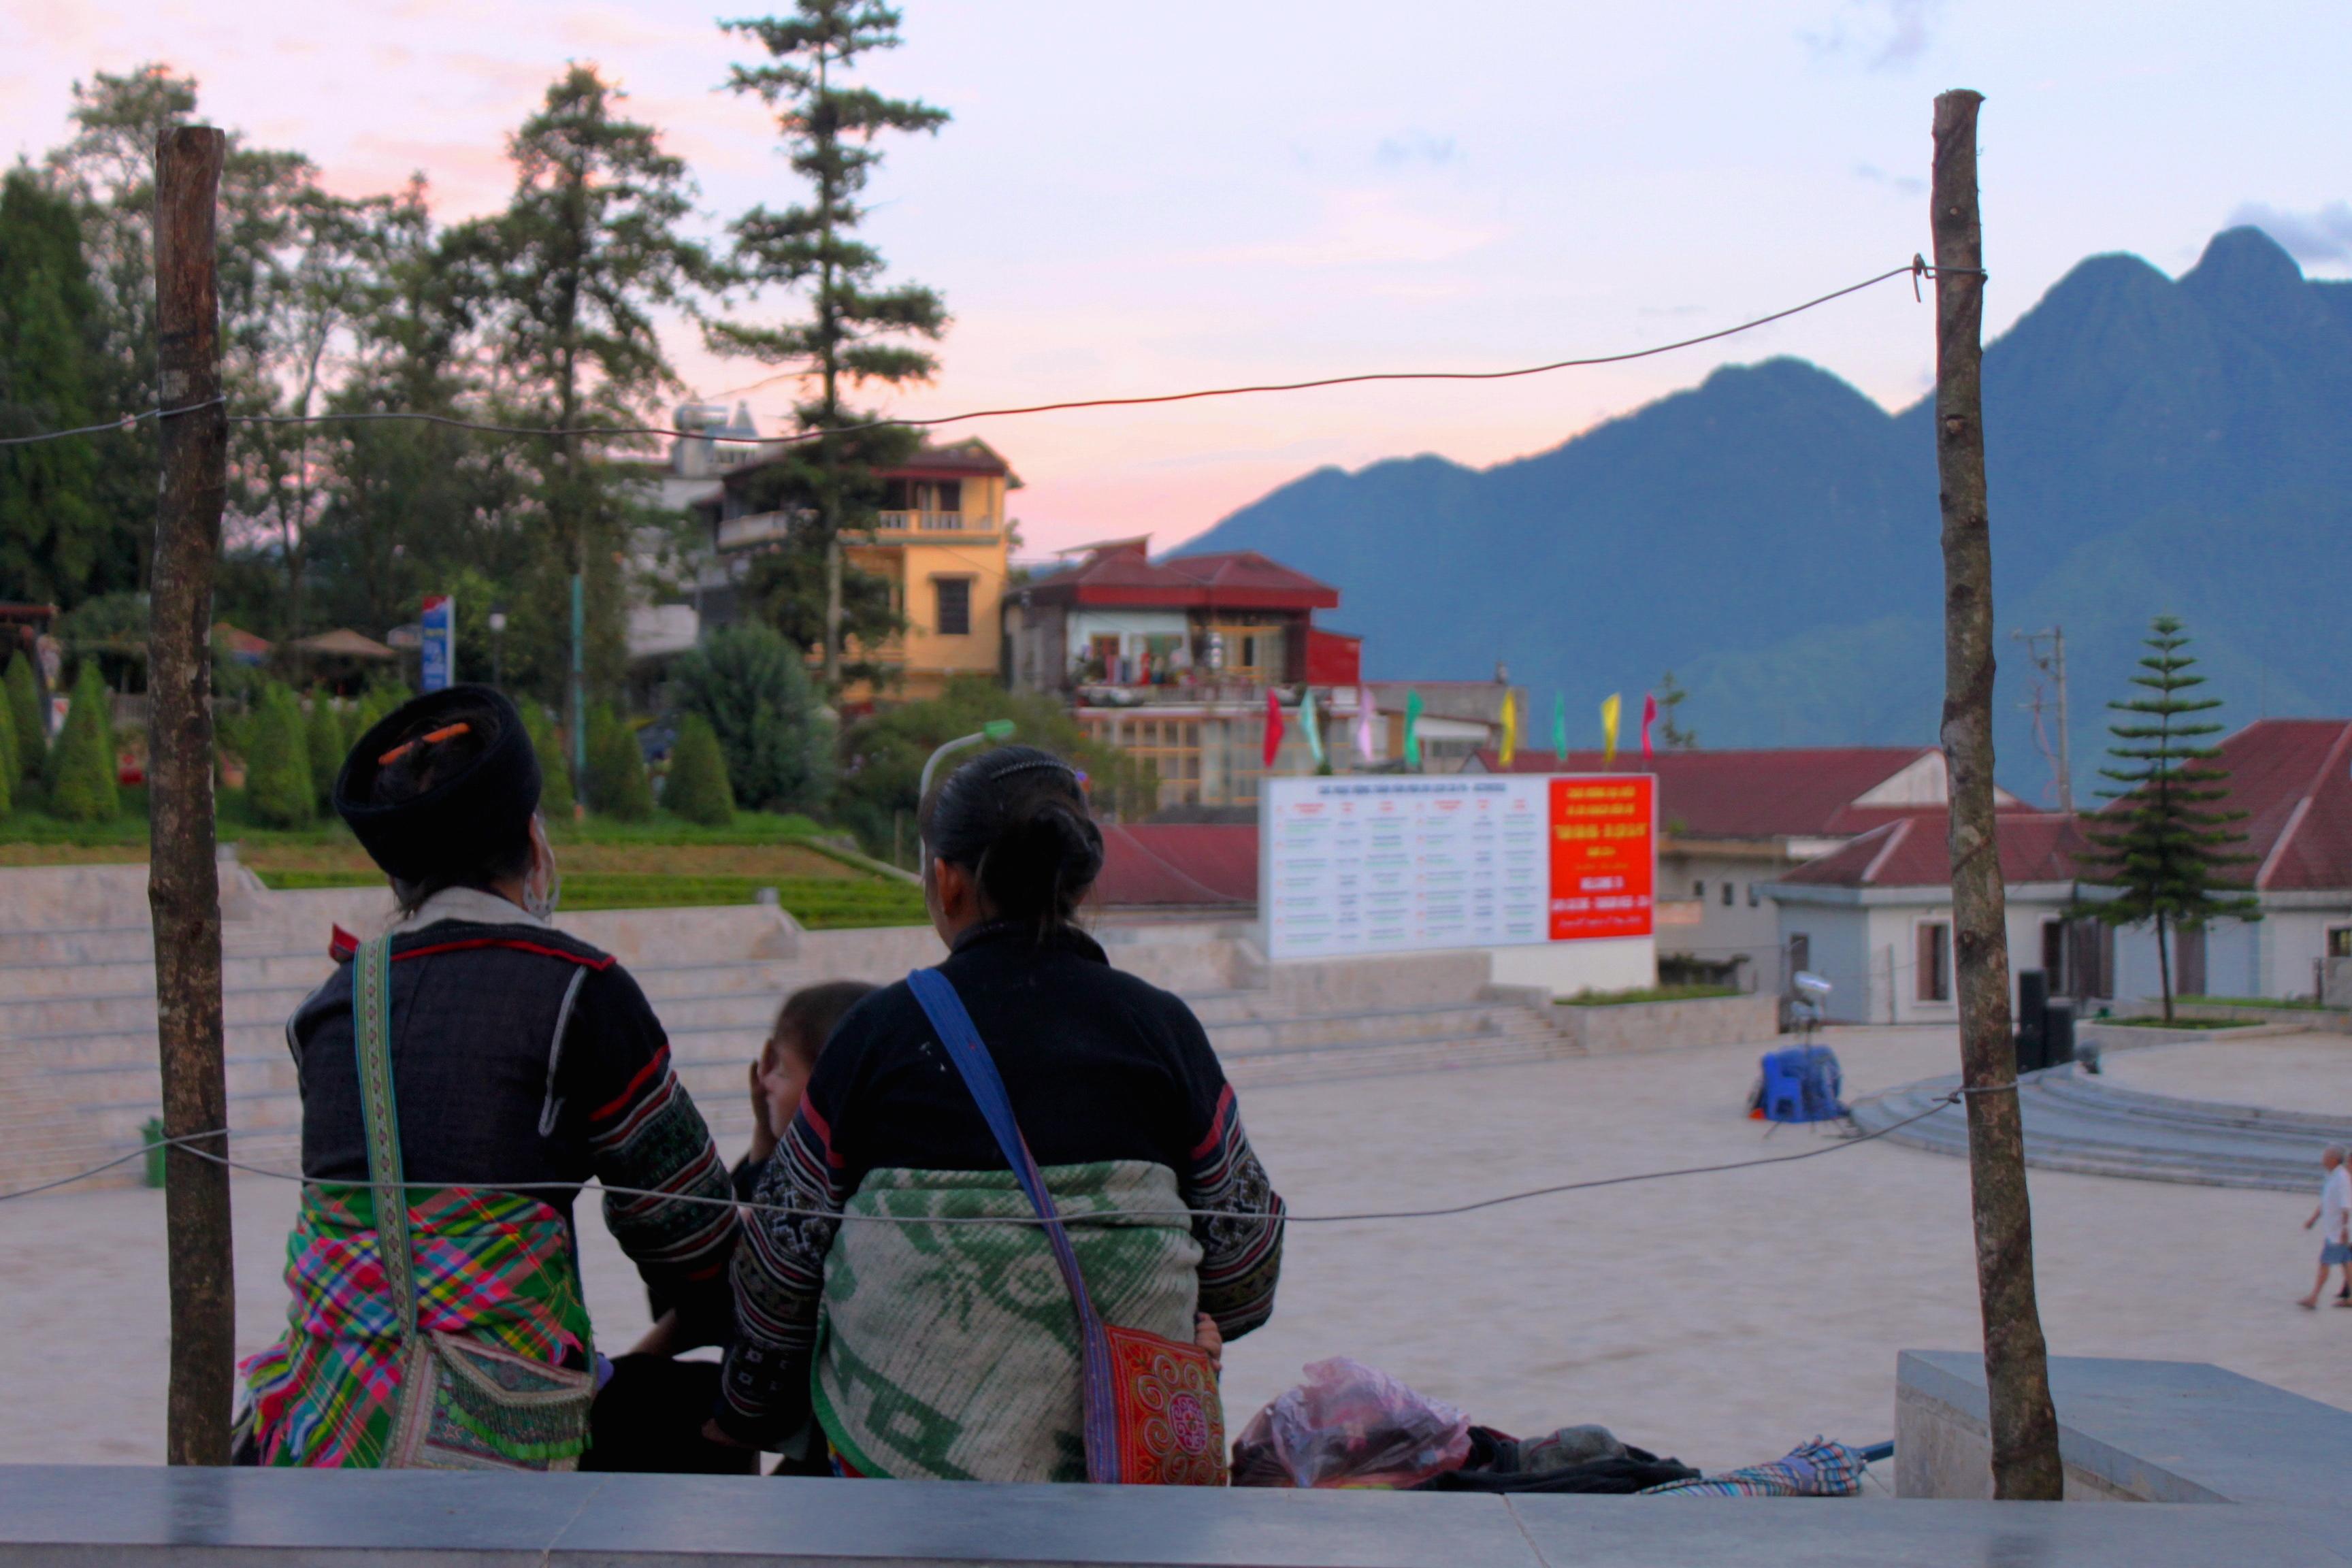 Al tramonto, dopo il lavoro, ci si ritrova in piazza, tutte le minoranze etniche insieme